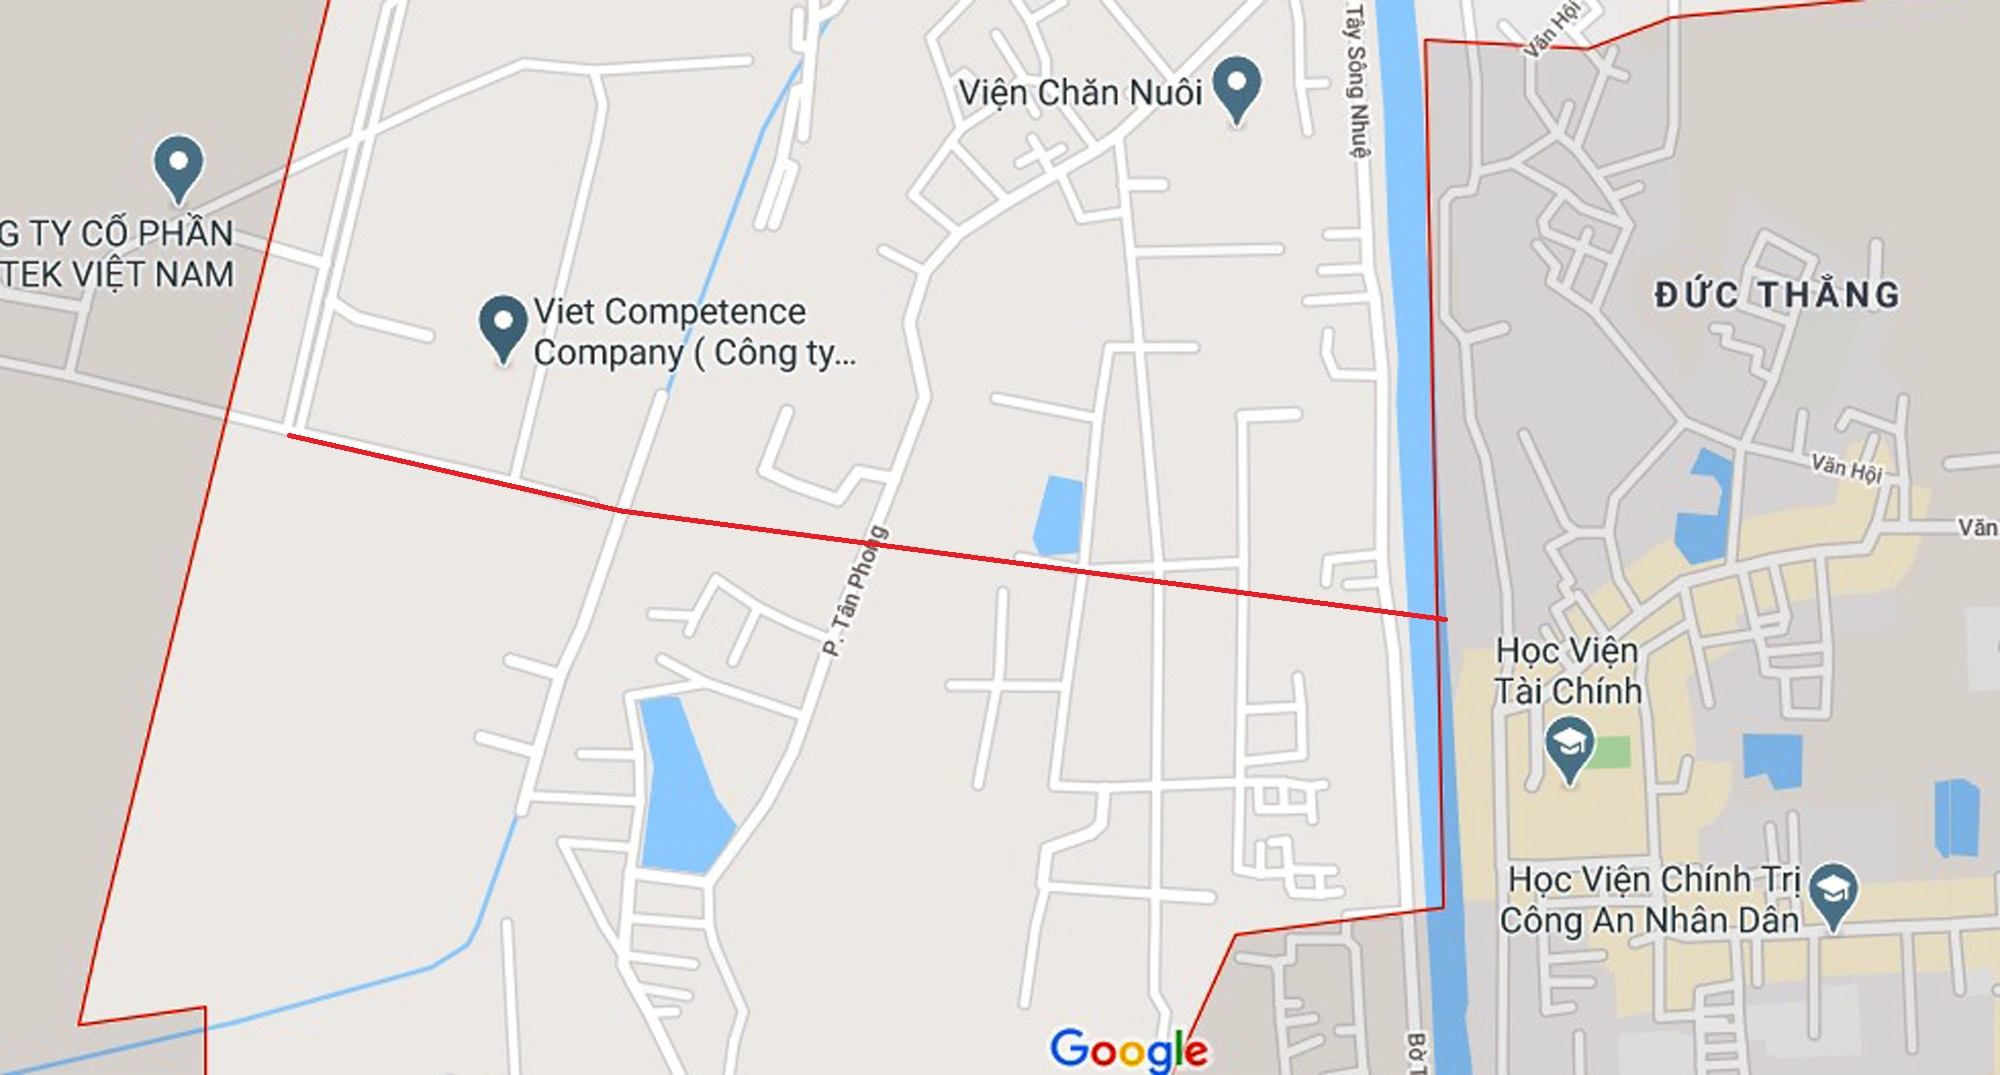 3 đường sẽ mở theo qui hoạch ở phường Thụy Phương, Bắc Từ Liêm - Ảnh 12.